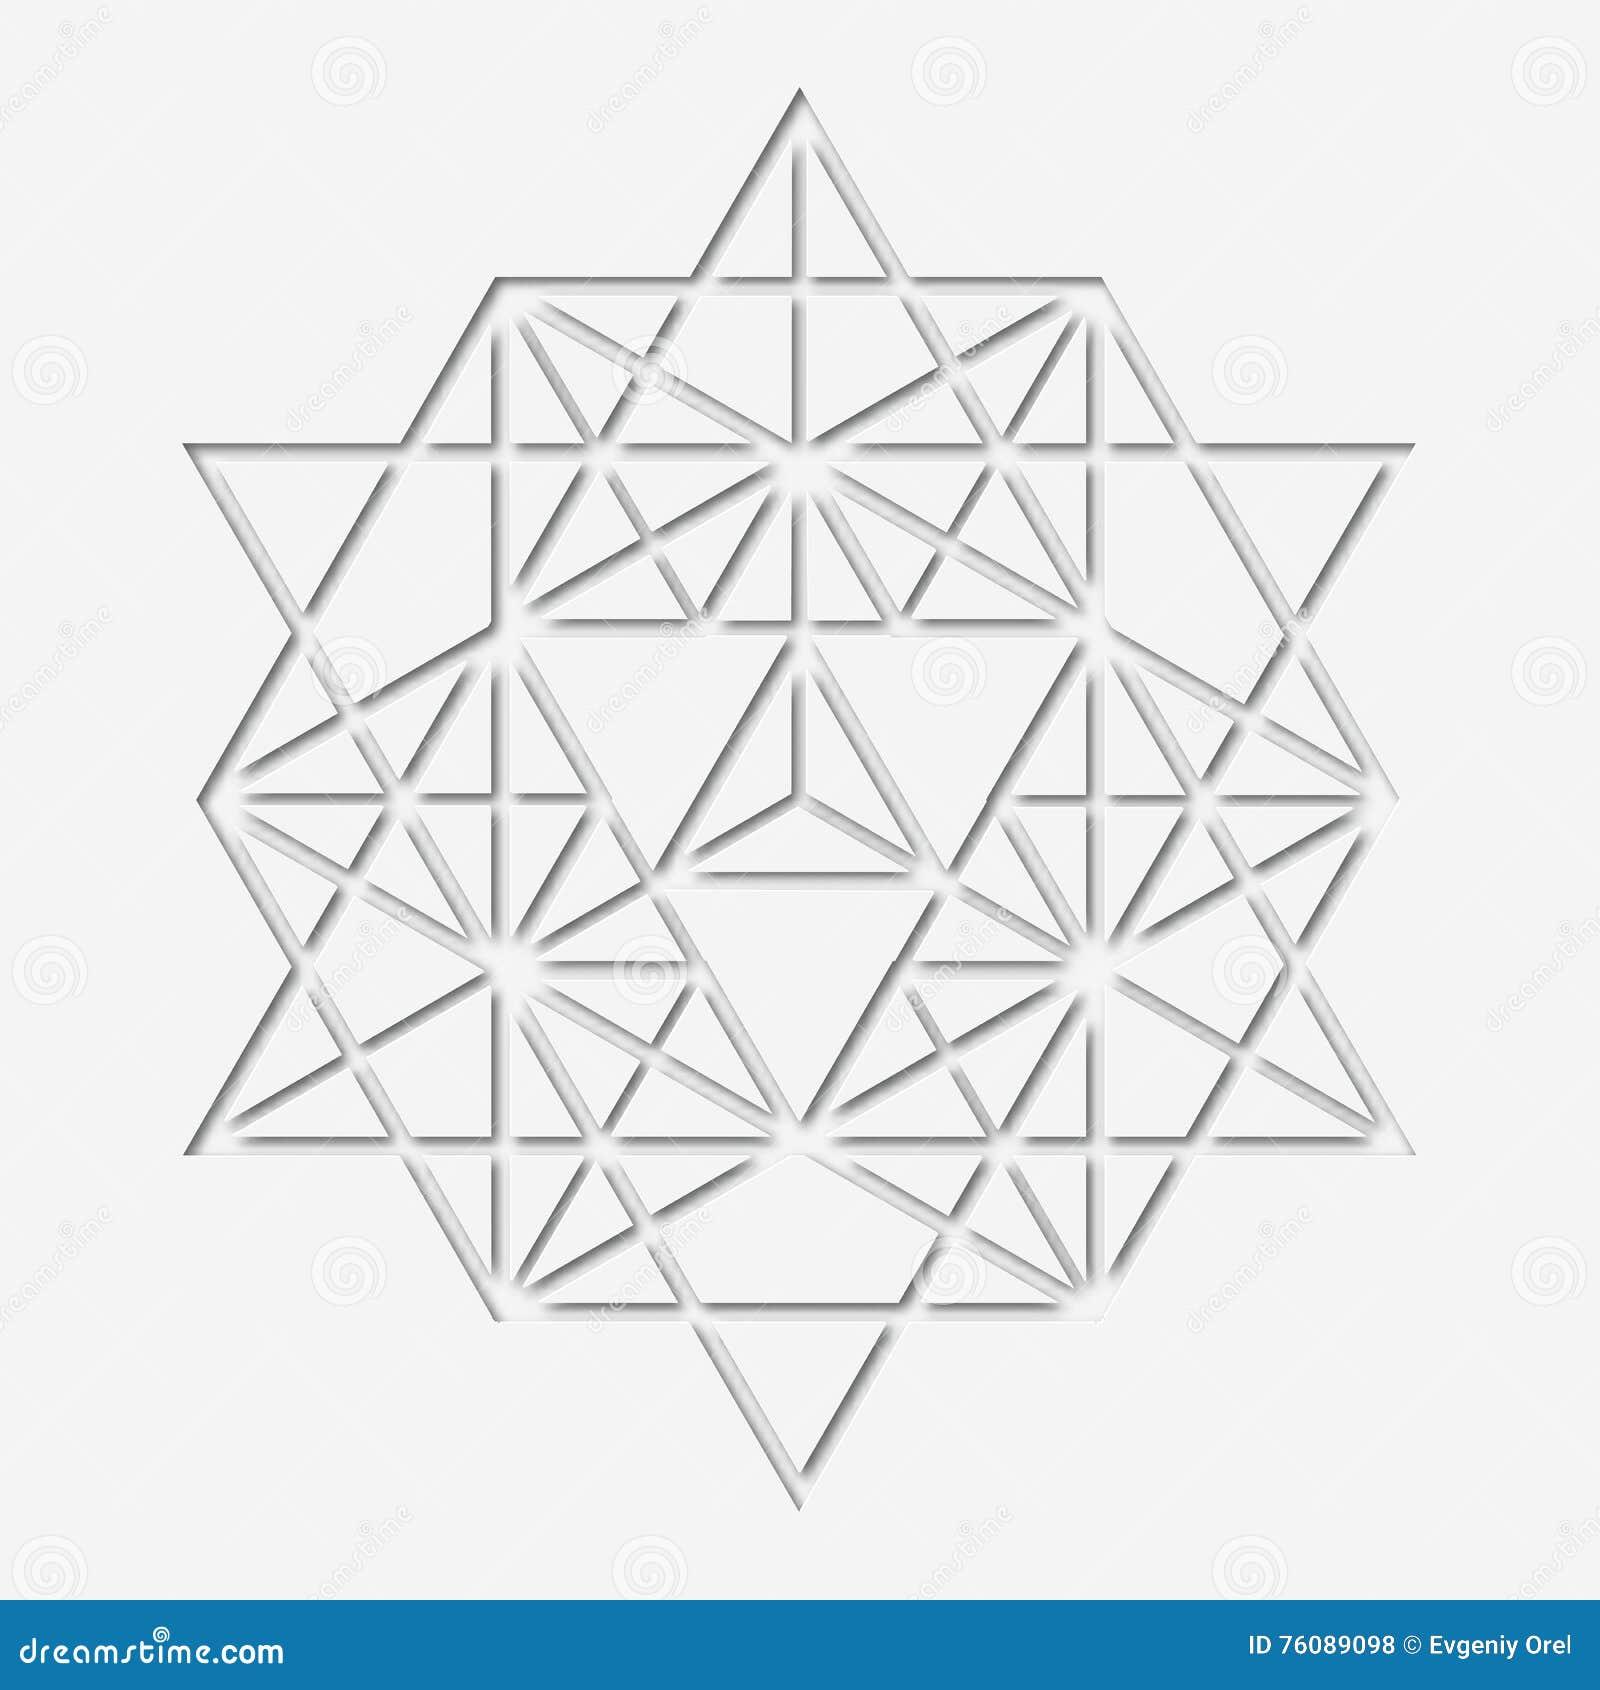 Diseño sacro de la geometría con el polígono símbolo mágico Papel-hecho, cristal místico Gráfico parecido al papel espiritual